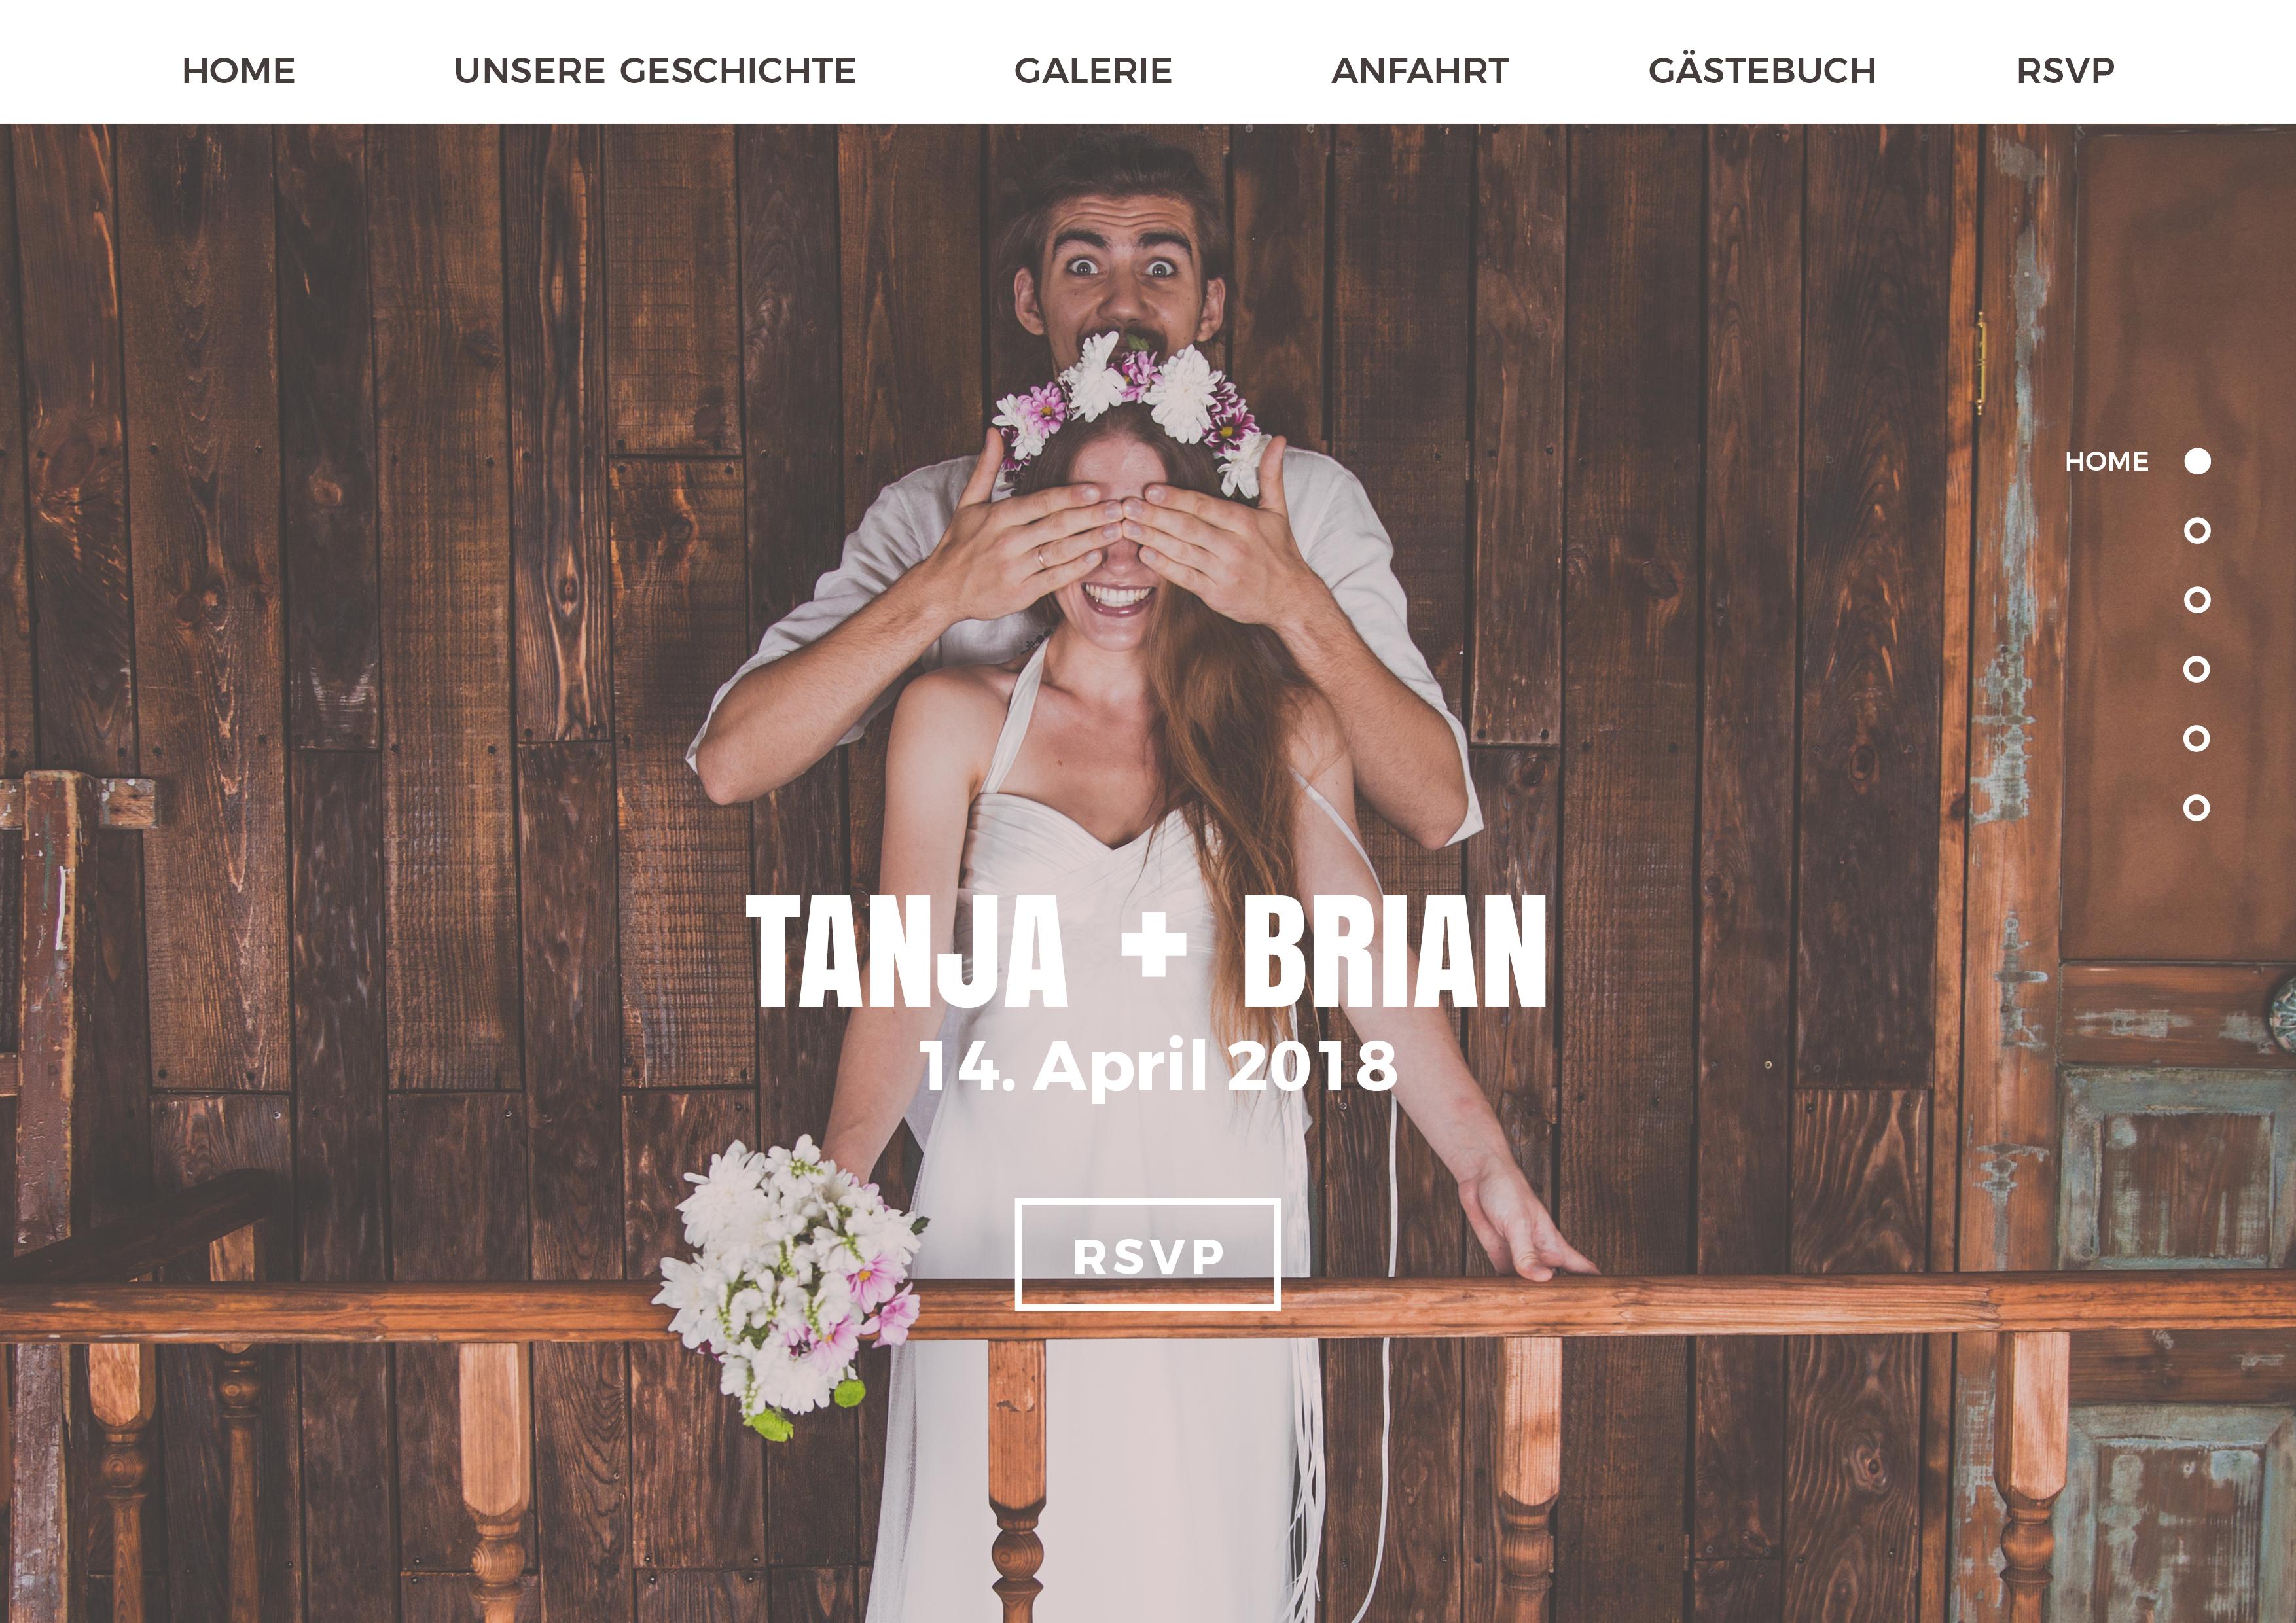 designbeispiel fr eine hochzeitshomepage - Hochzeitshomepage Beispiele